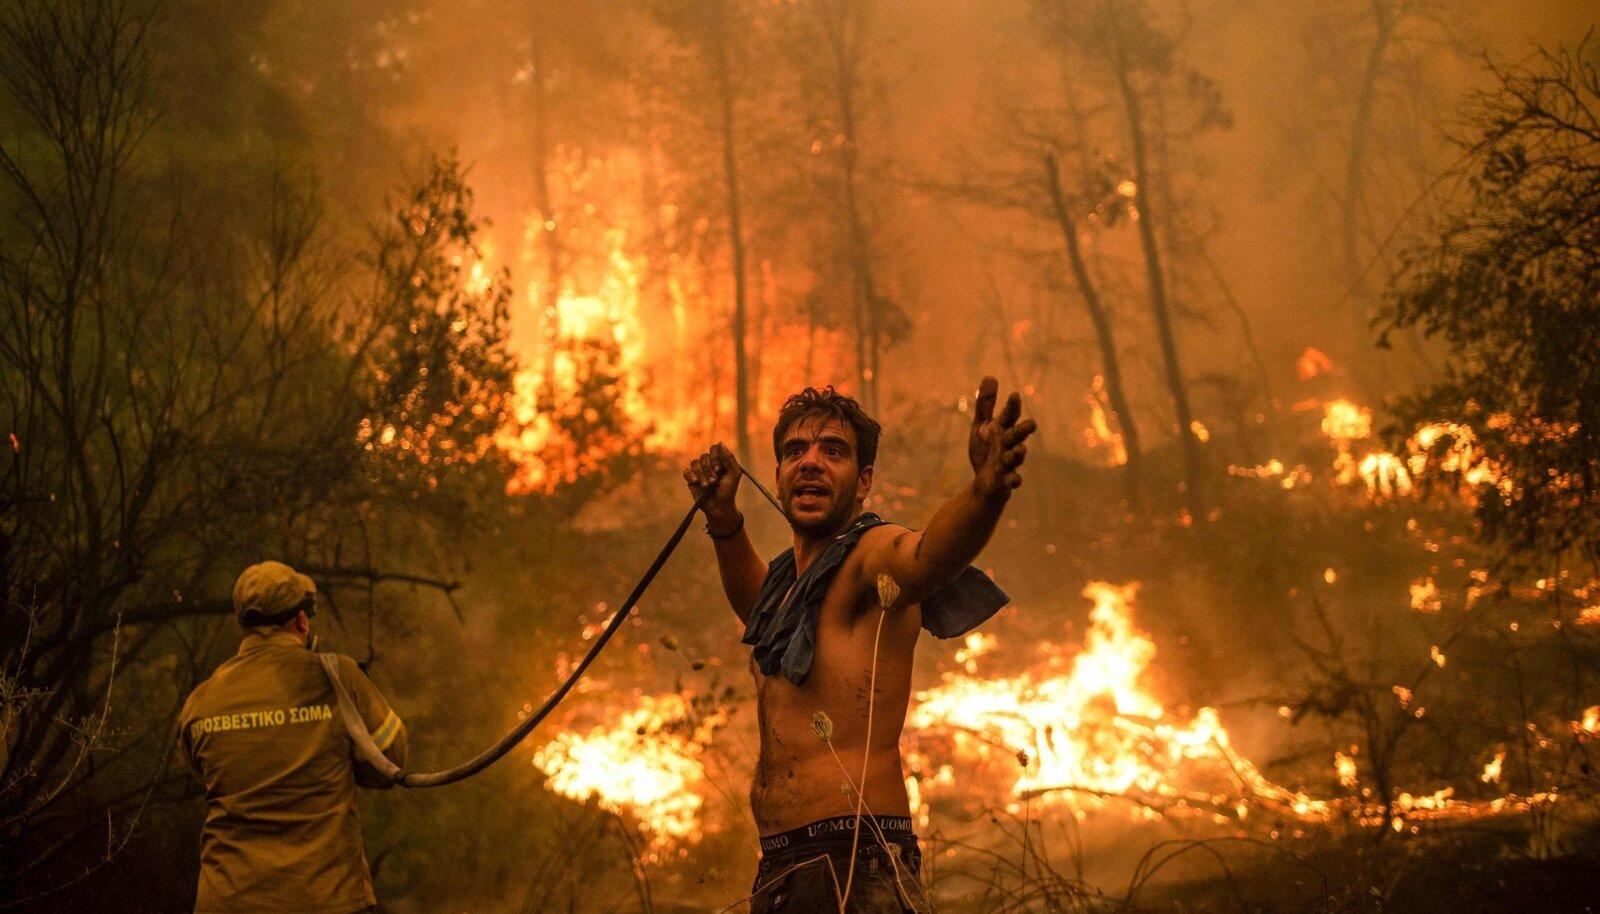 IPCC teadlased eeldavad, et alates 2°C soojenemisest hakkavad kaduma ökosüsteemide ja inimeste eksisteerimiseks vajalikud tingimused.